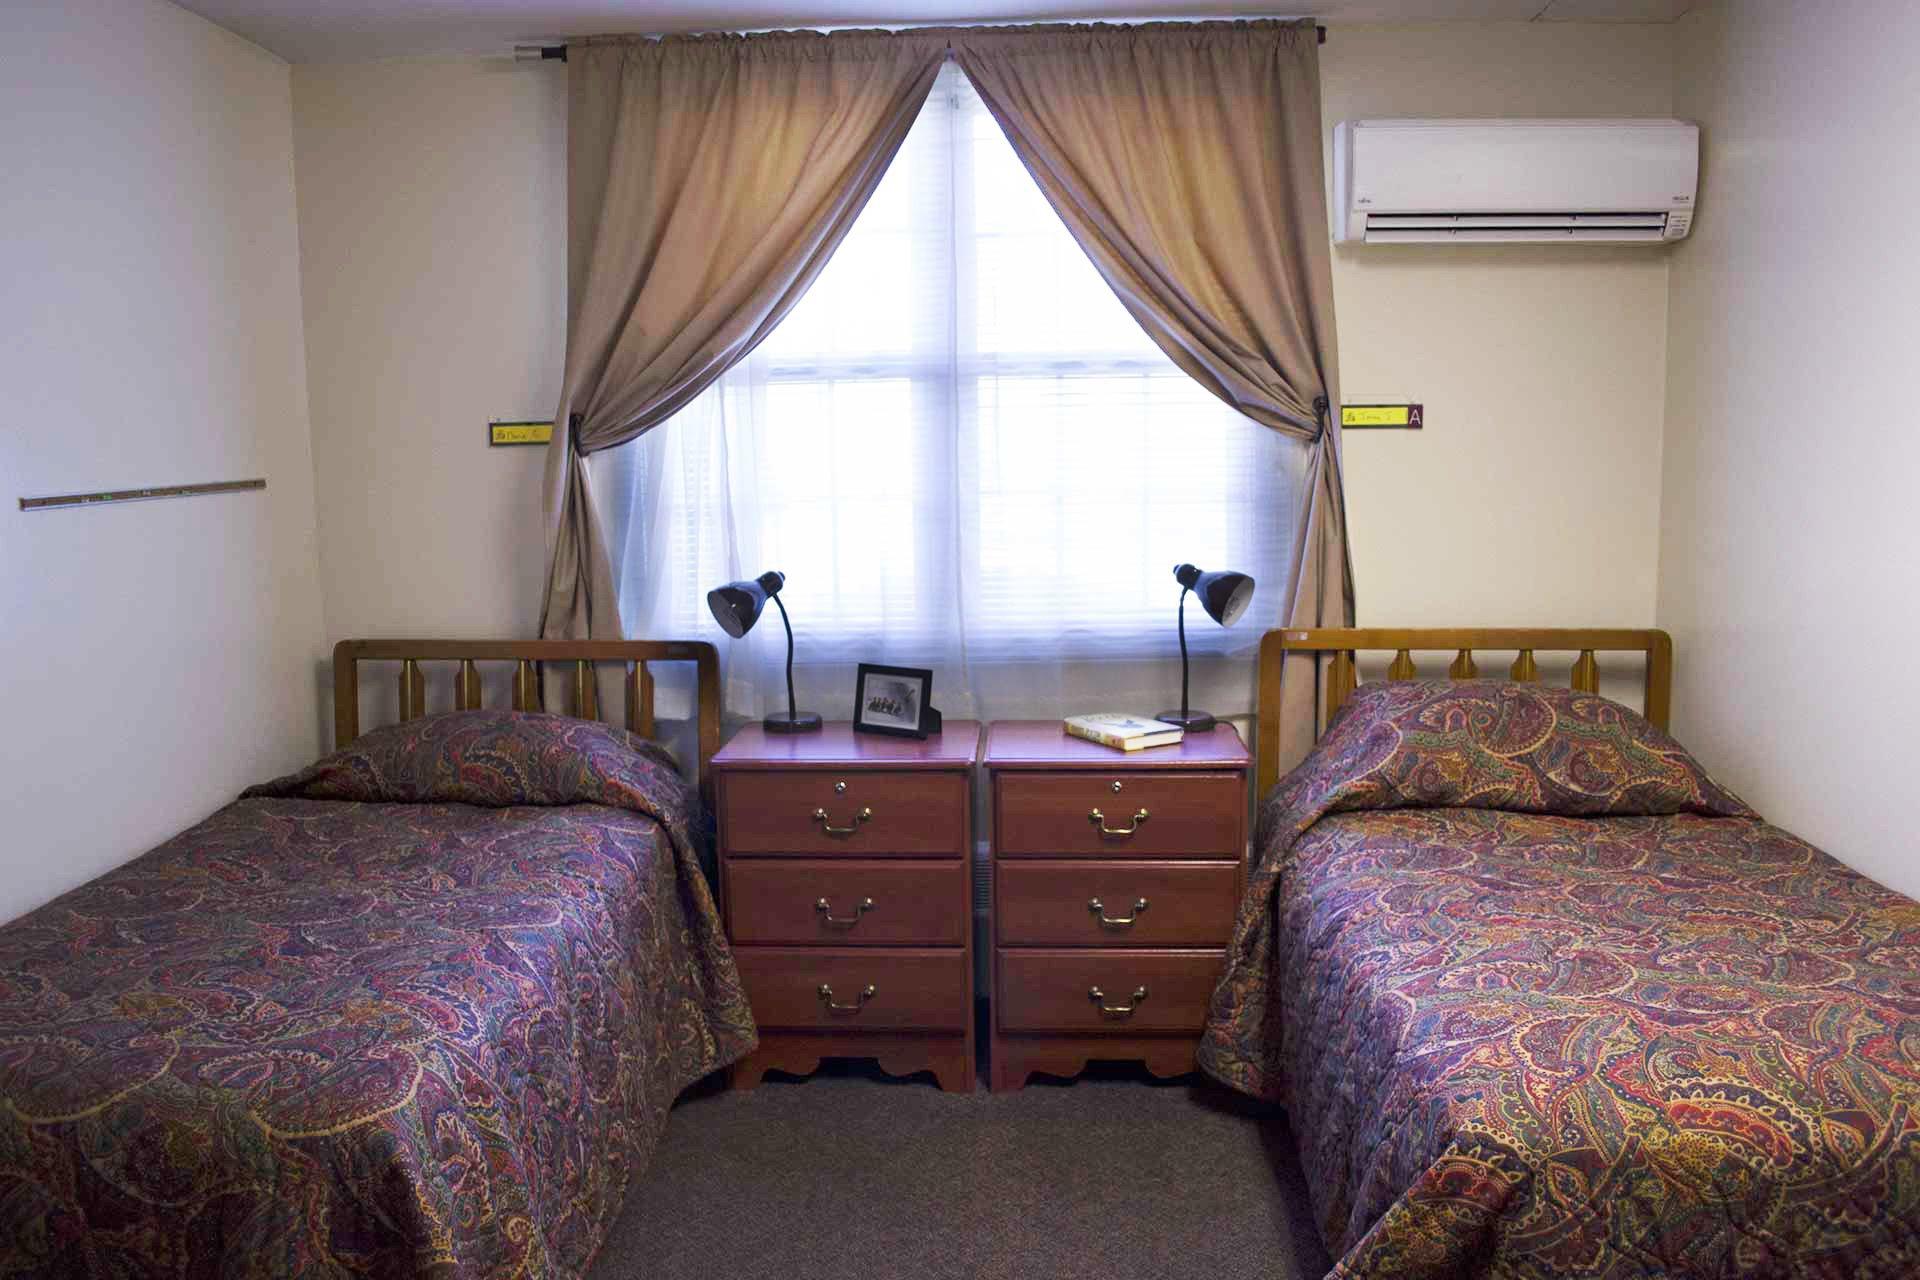 bedroom in Seafield inpatient rehab facility - Long Island & New York City NY